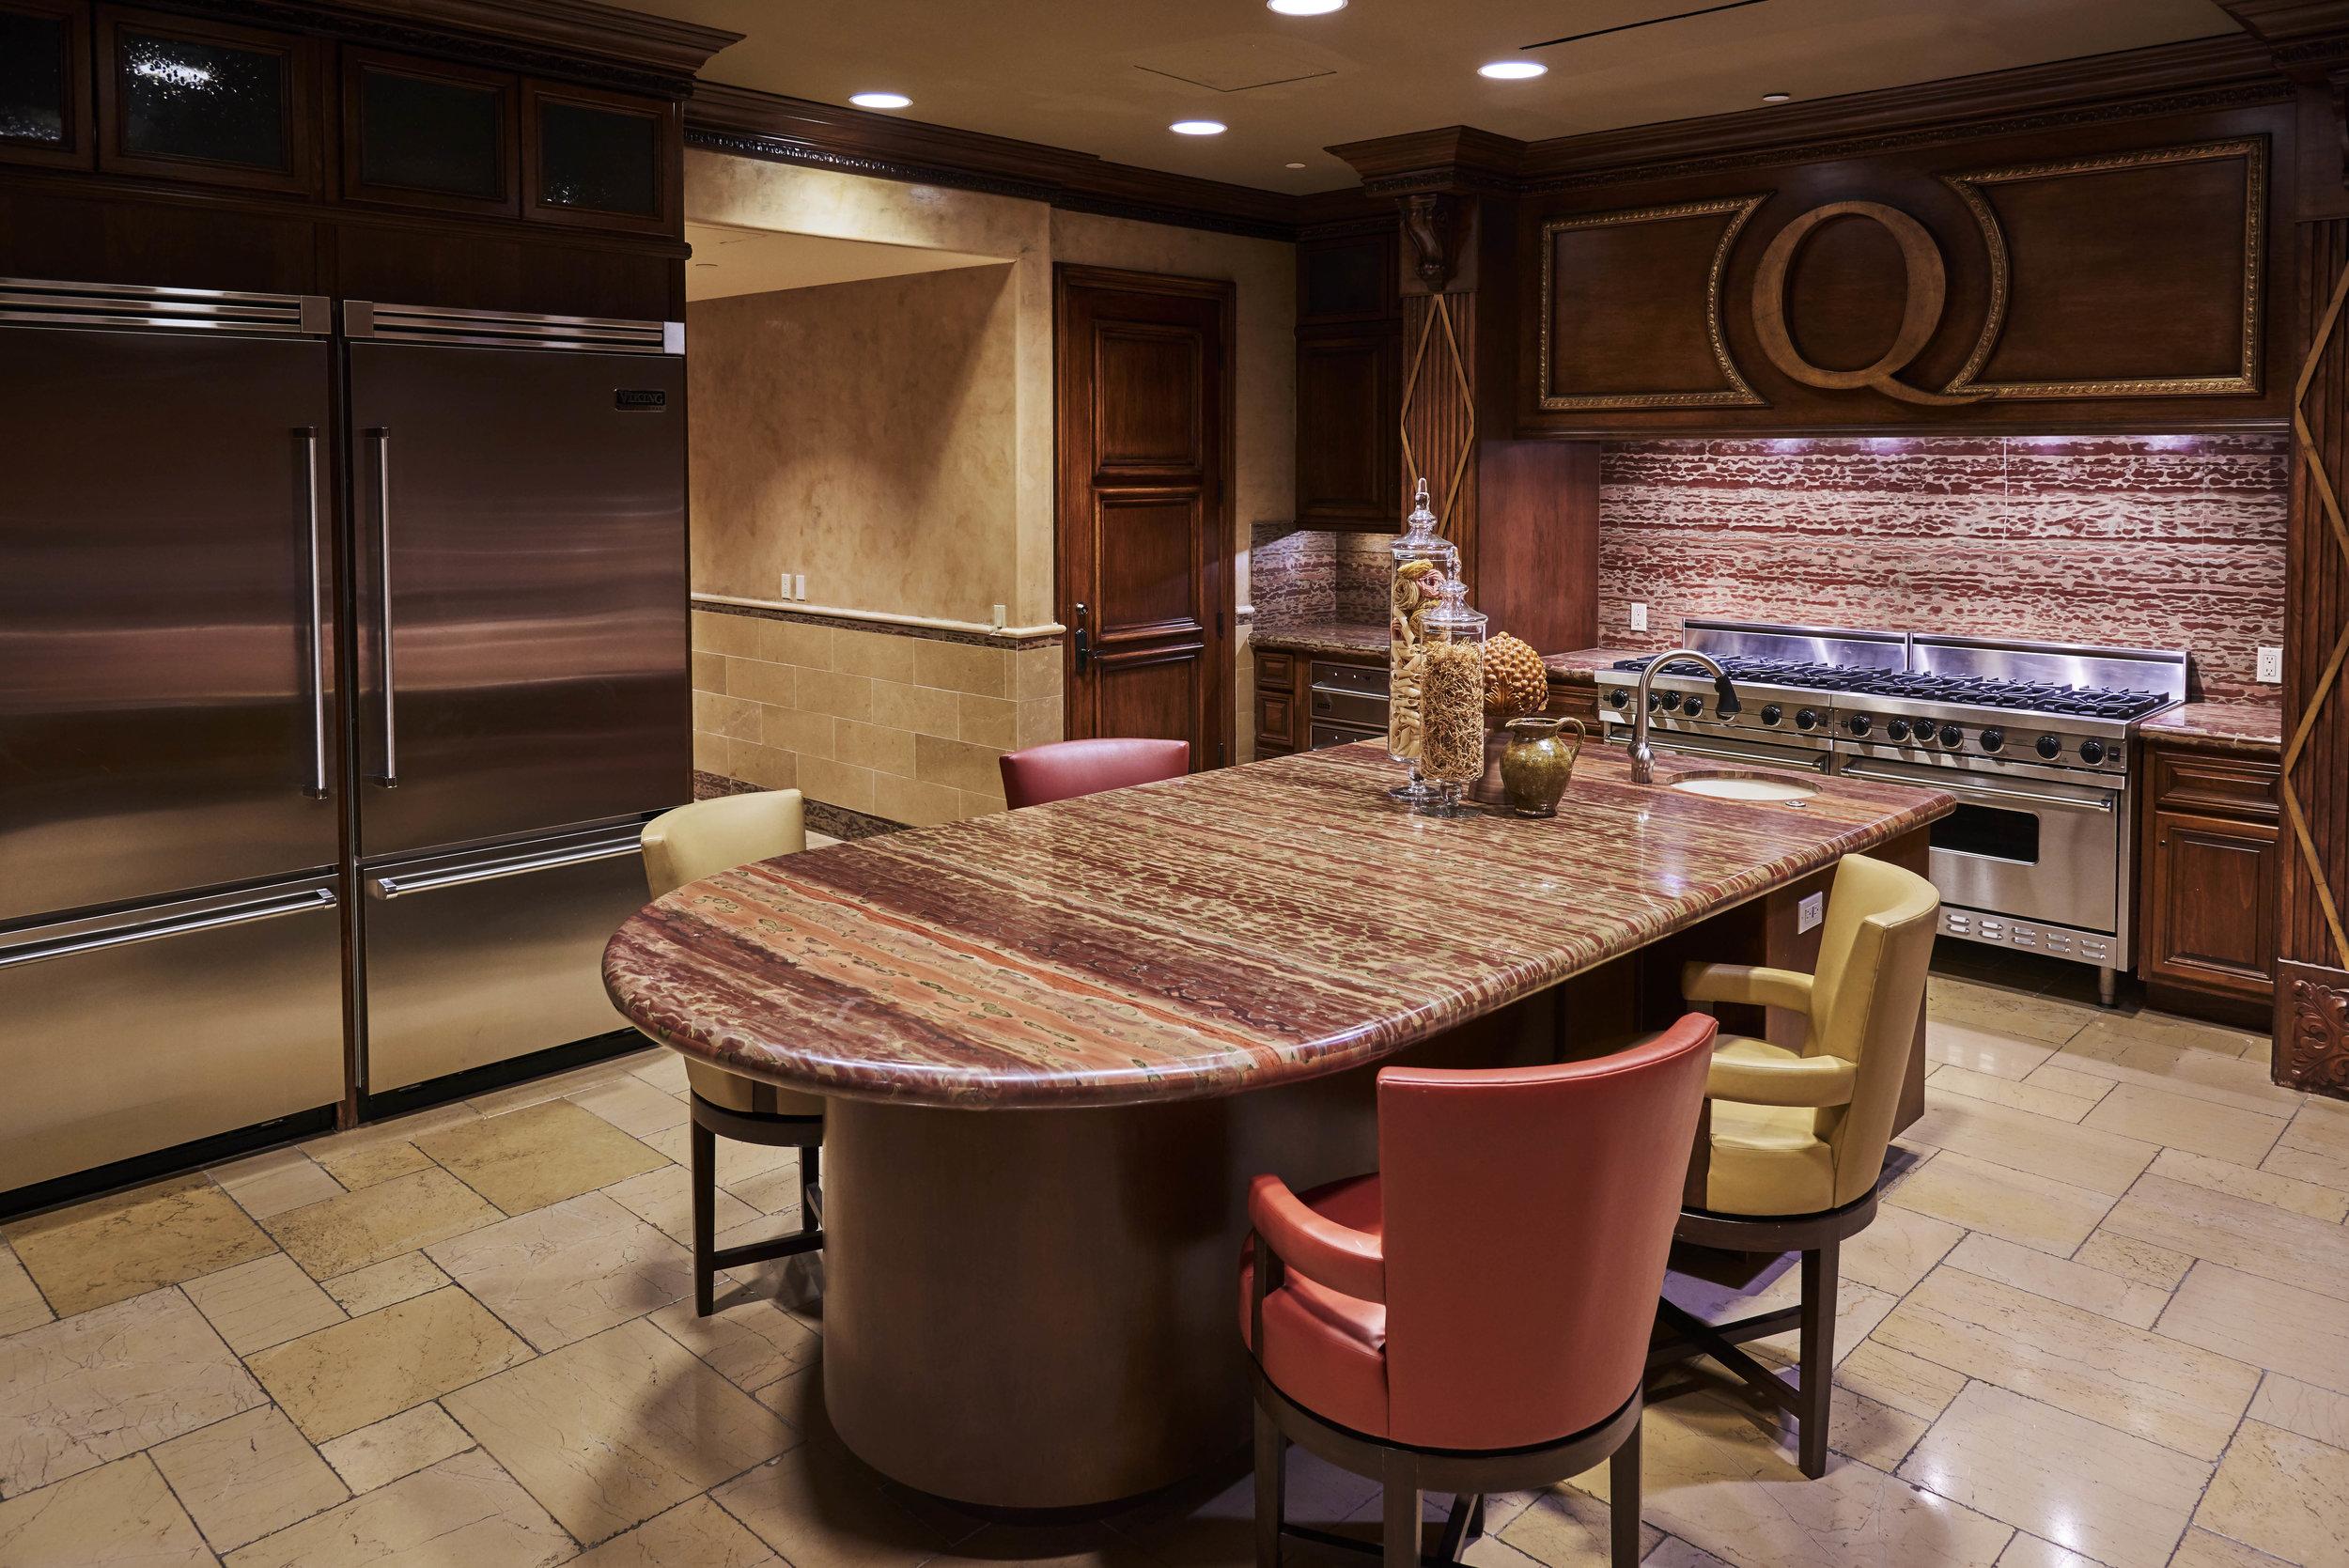 QueensRidge_interior4.jpg